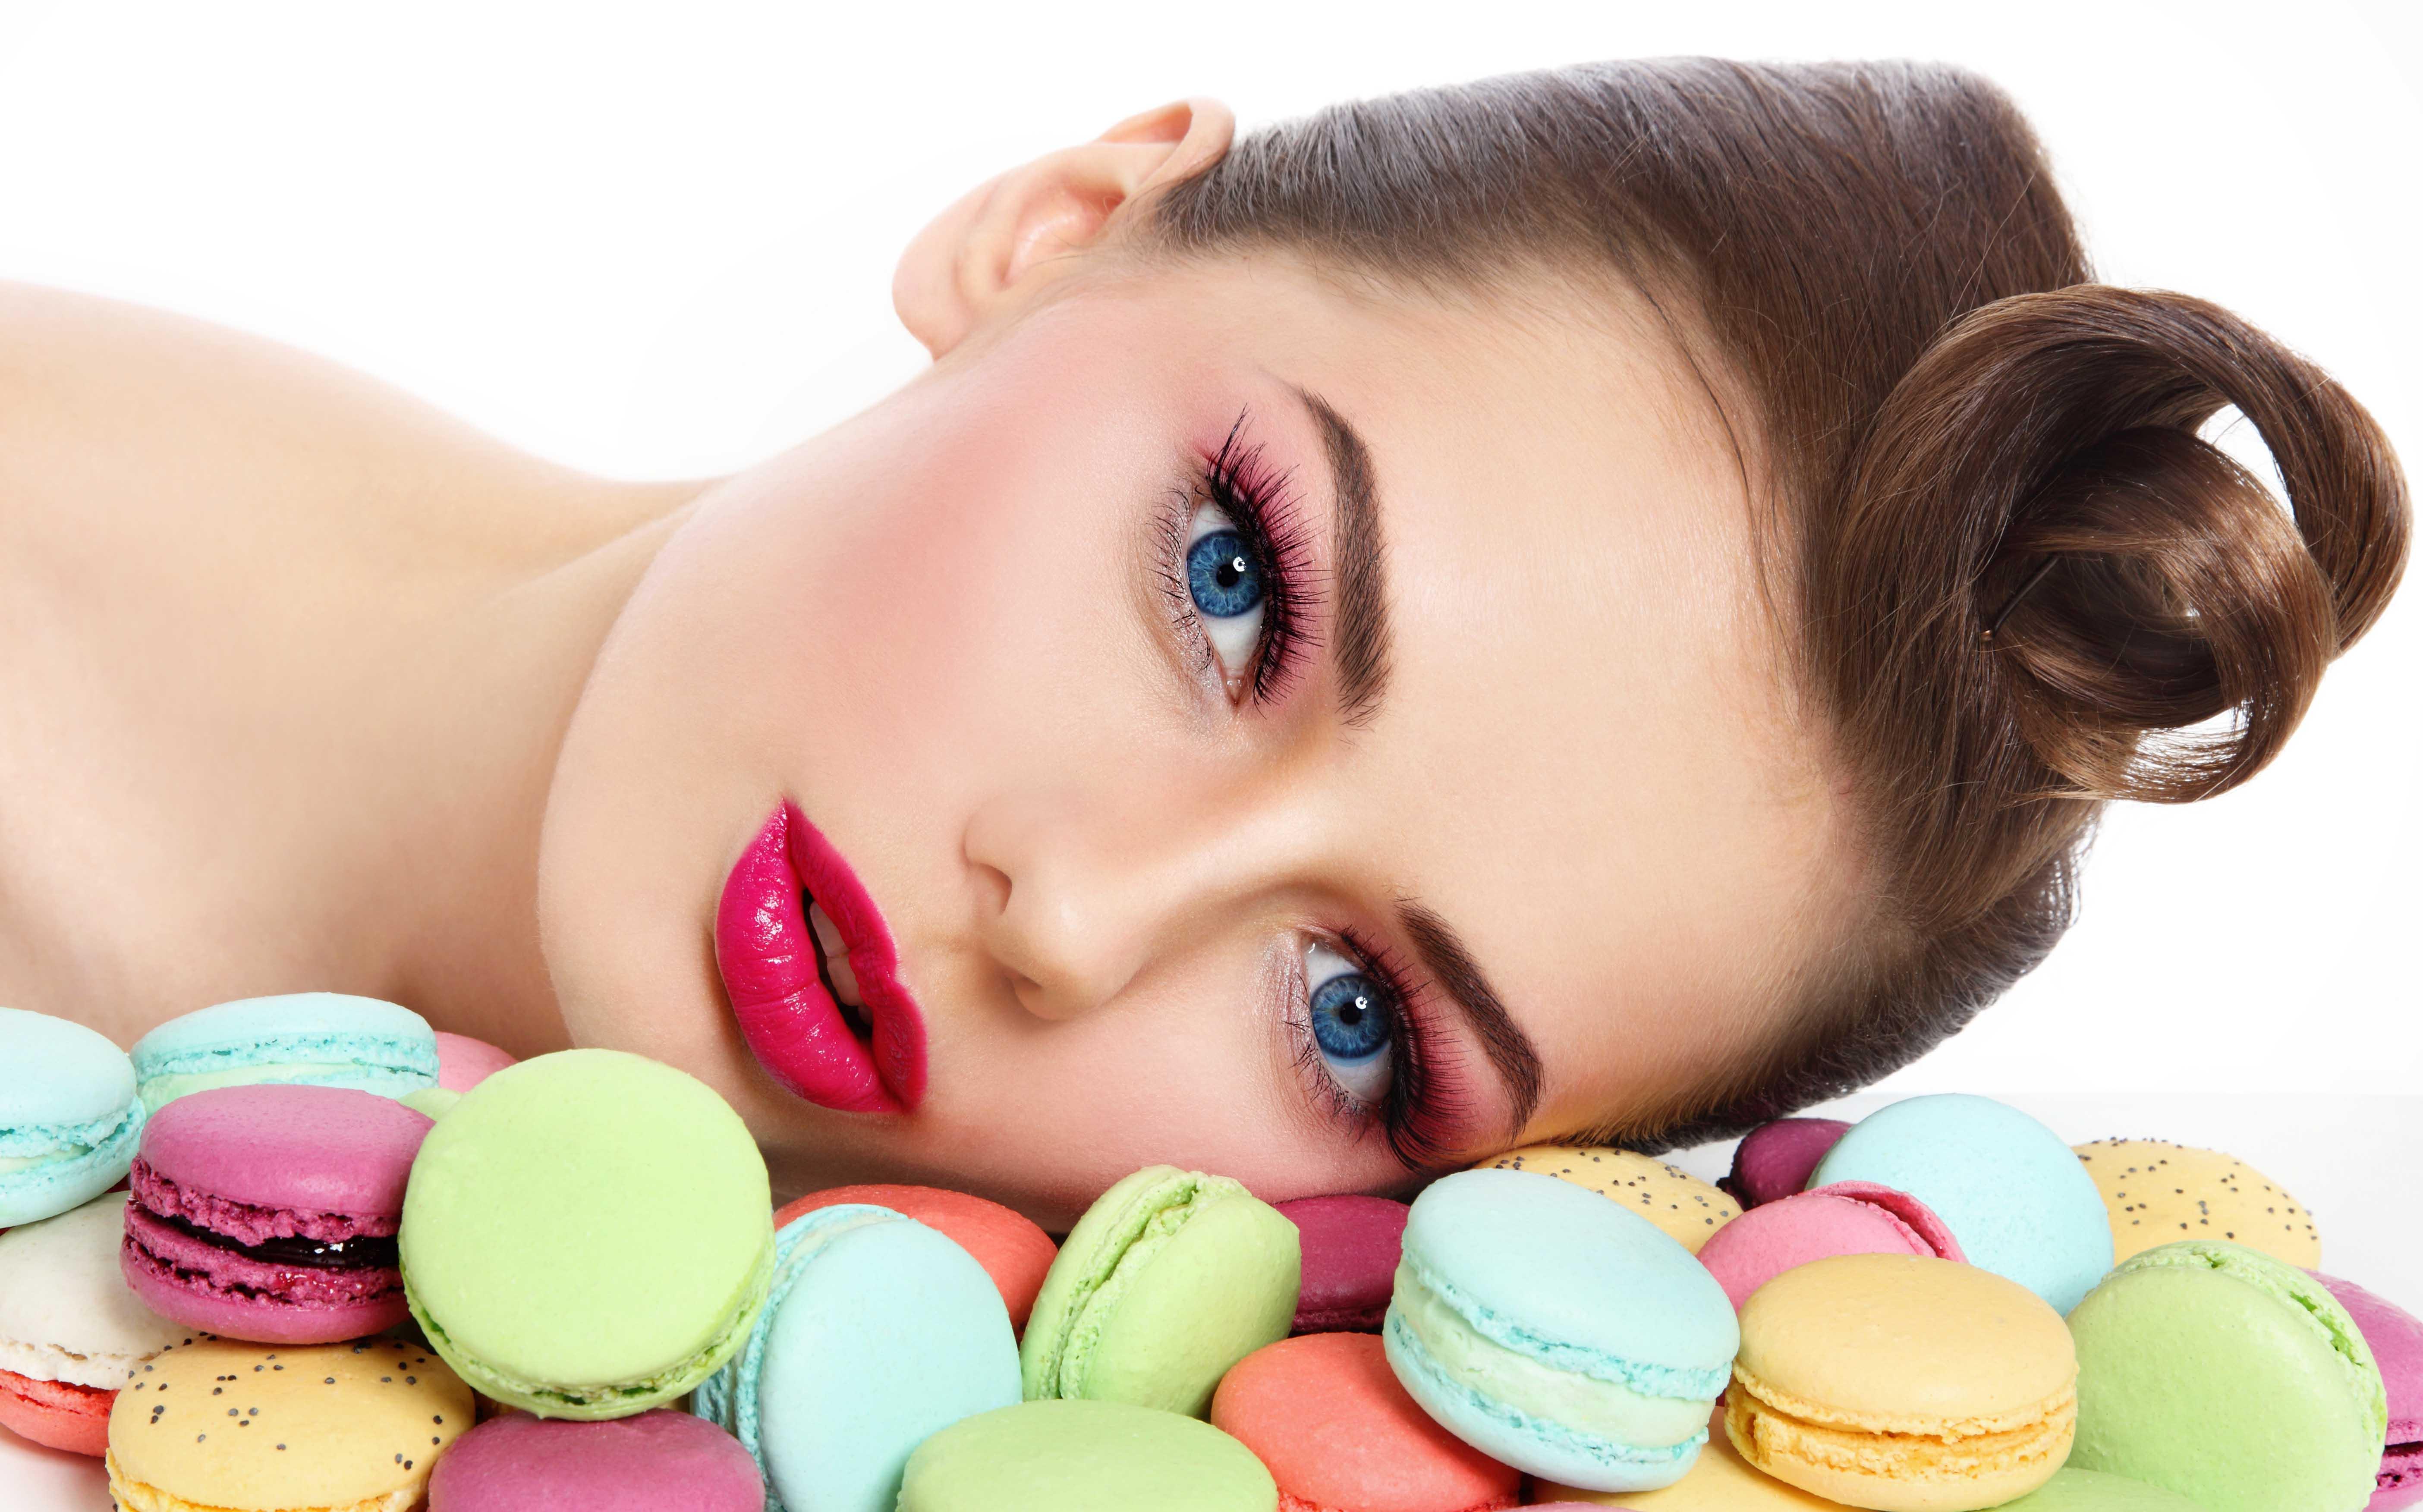 makeup-estate-zephir-parrucchieri-ascona